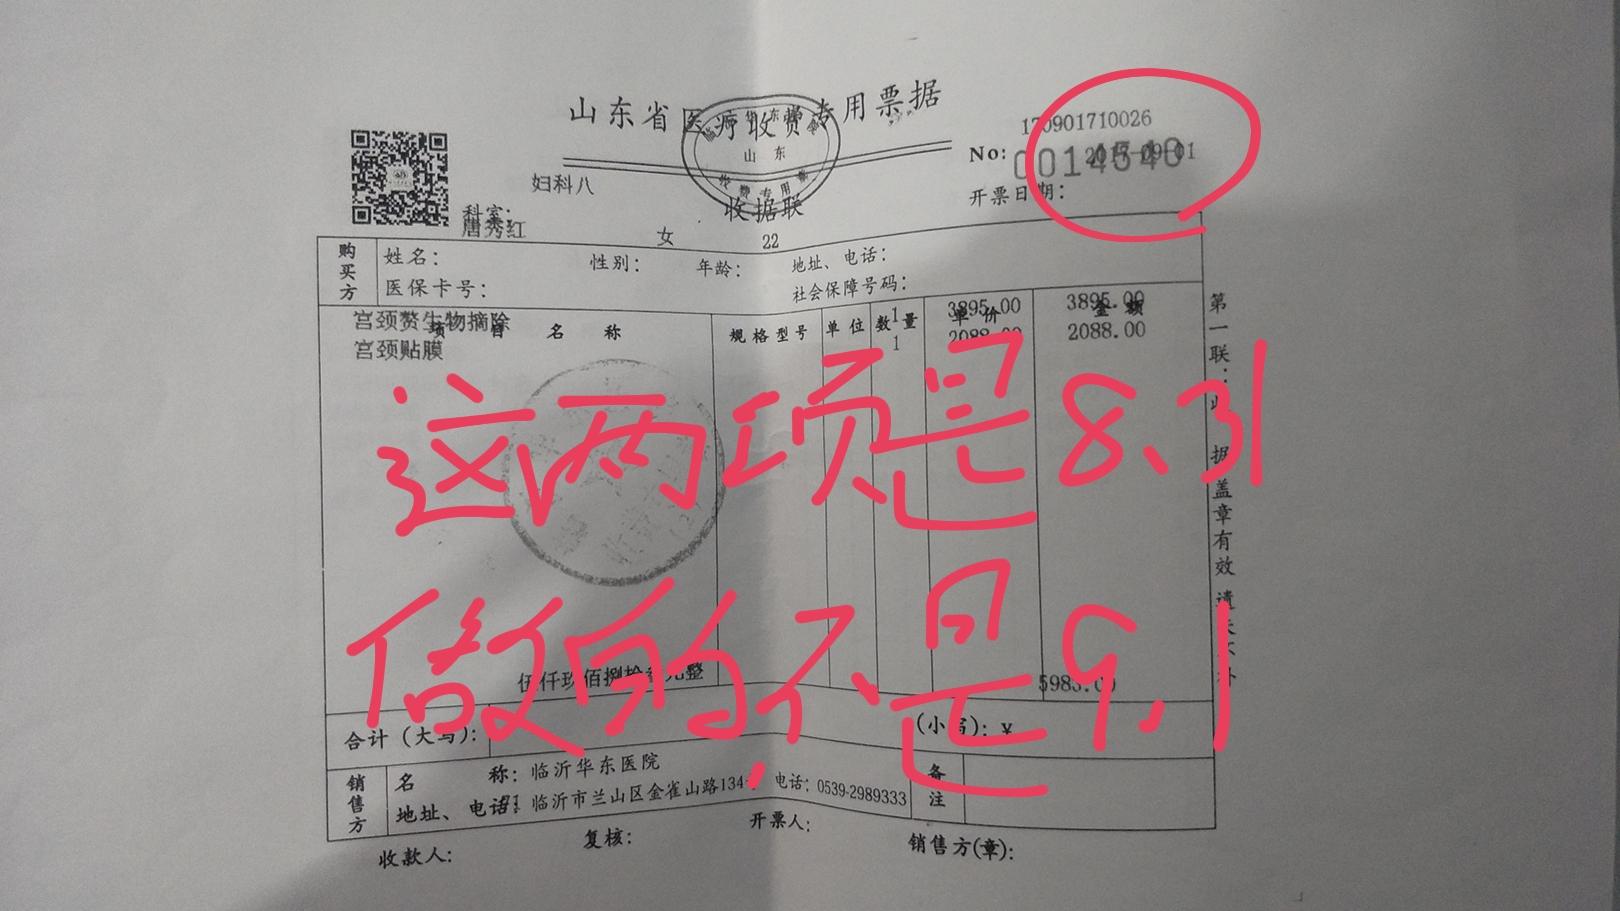 临沂华东医院医疗诈骗-男性健康网(jiankangnanren.com)